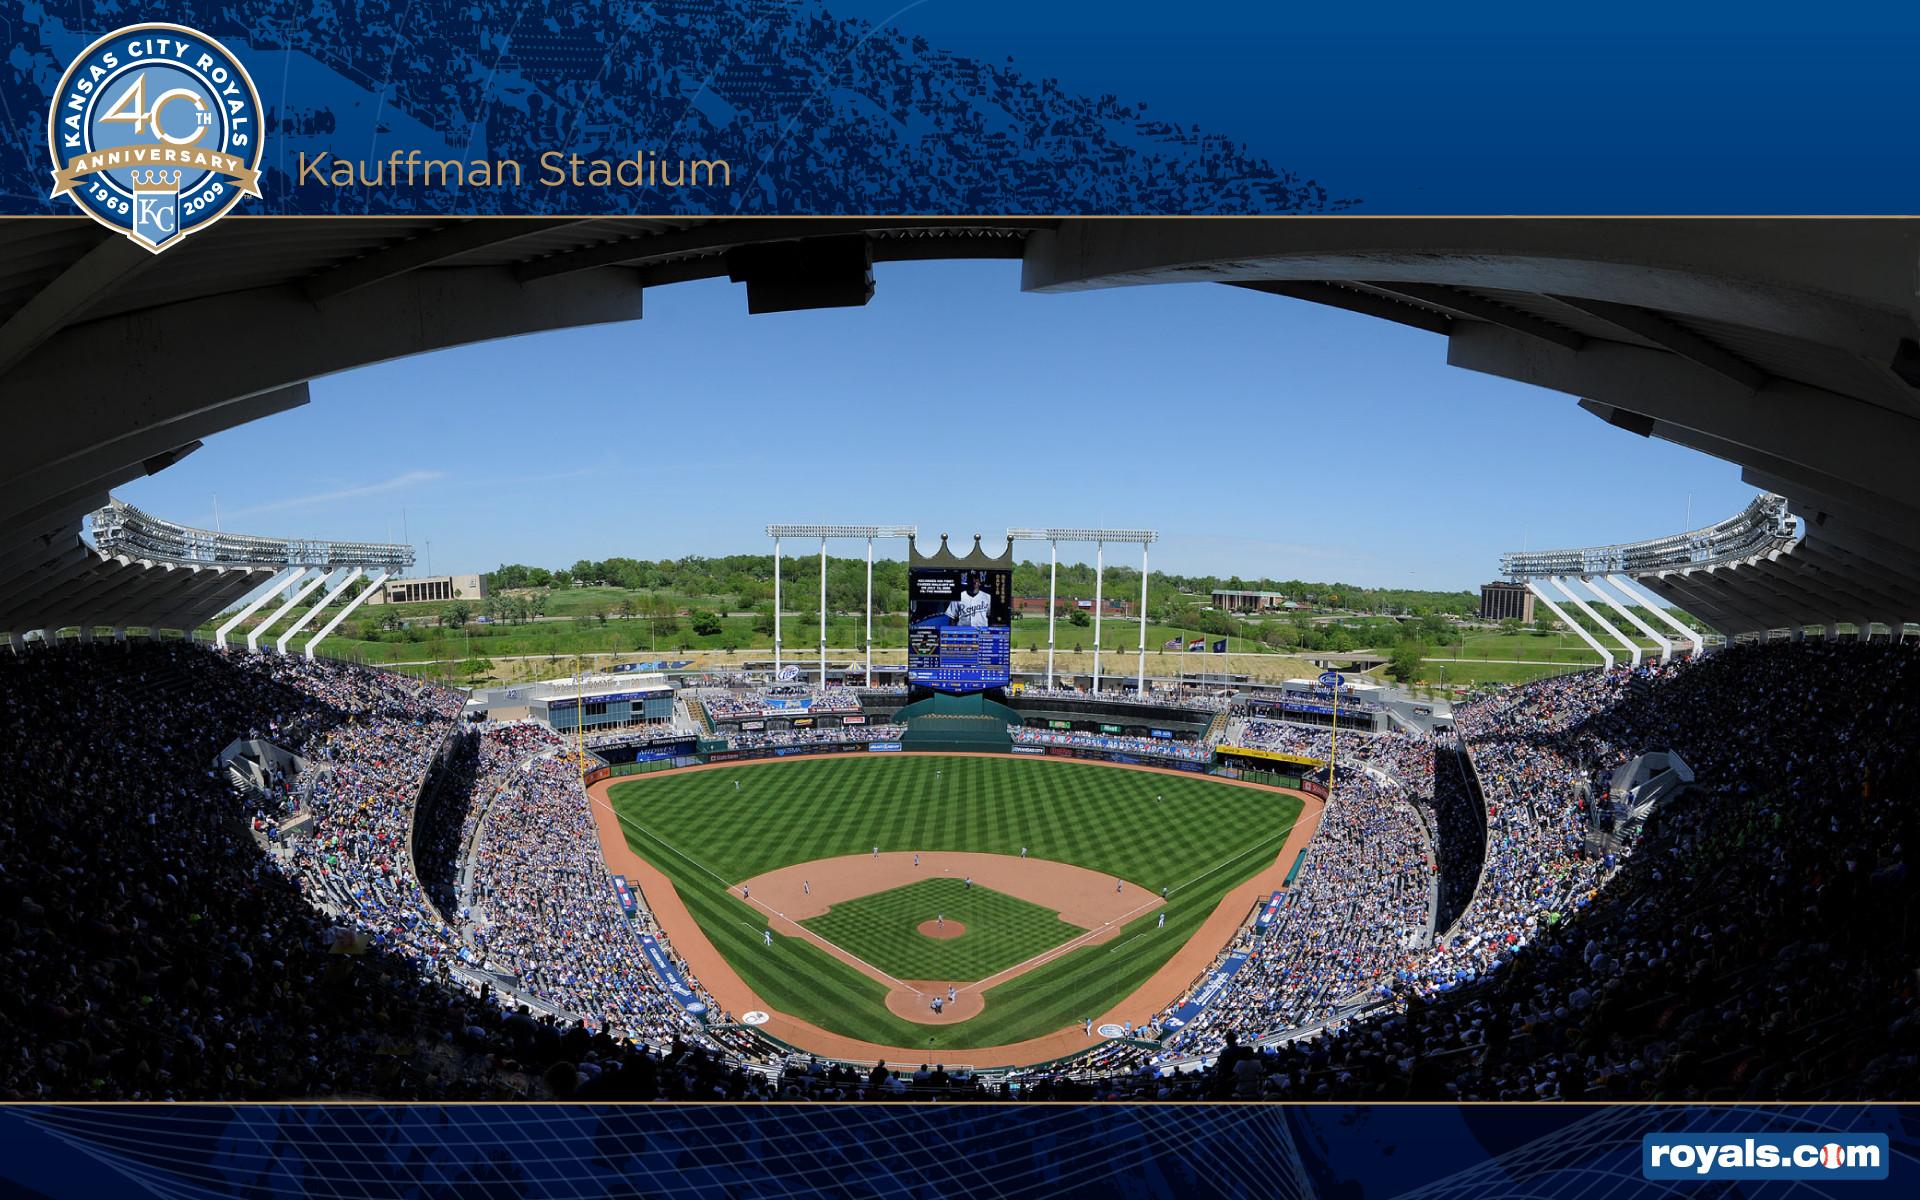 Kansas City Royals Baseball Team Stadium wallpaper https://deskbg.com/view